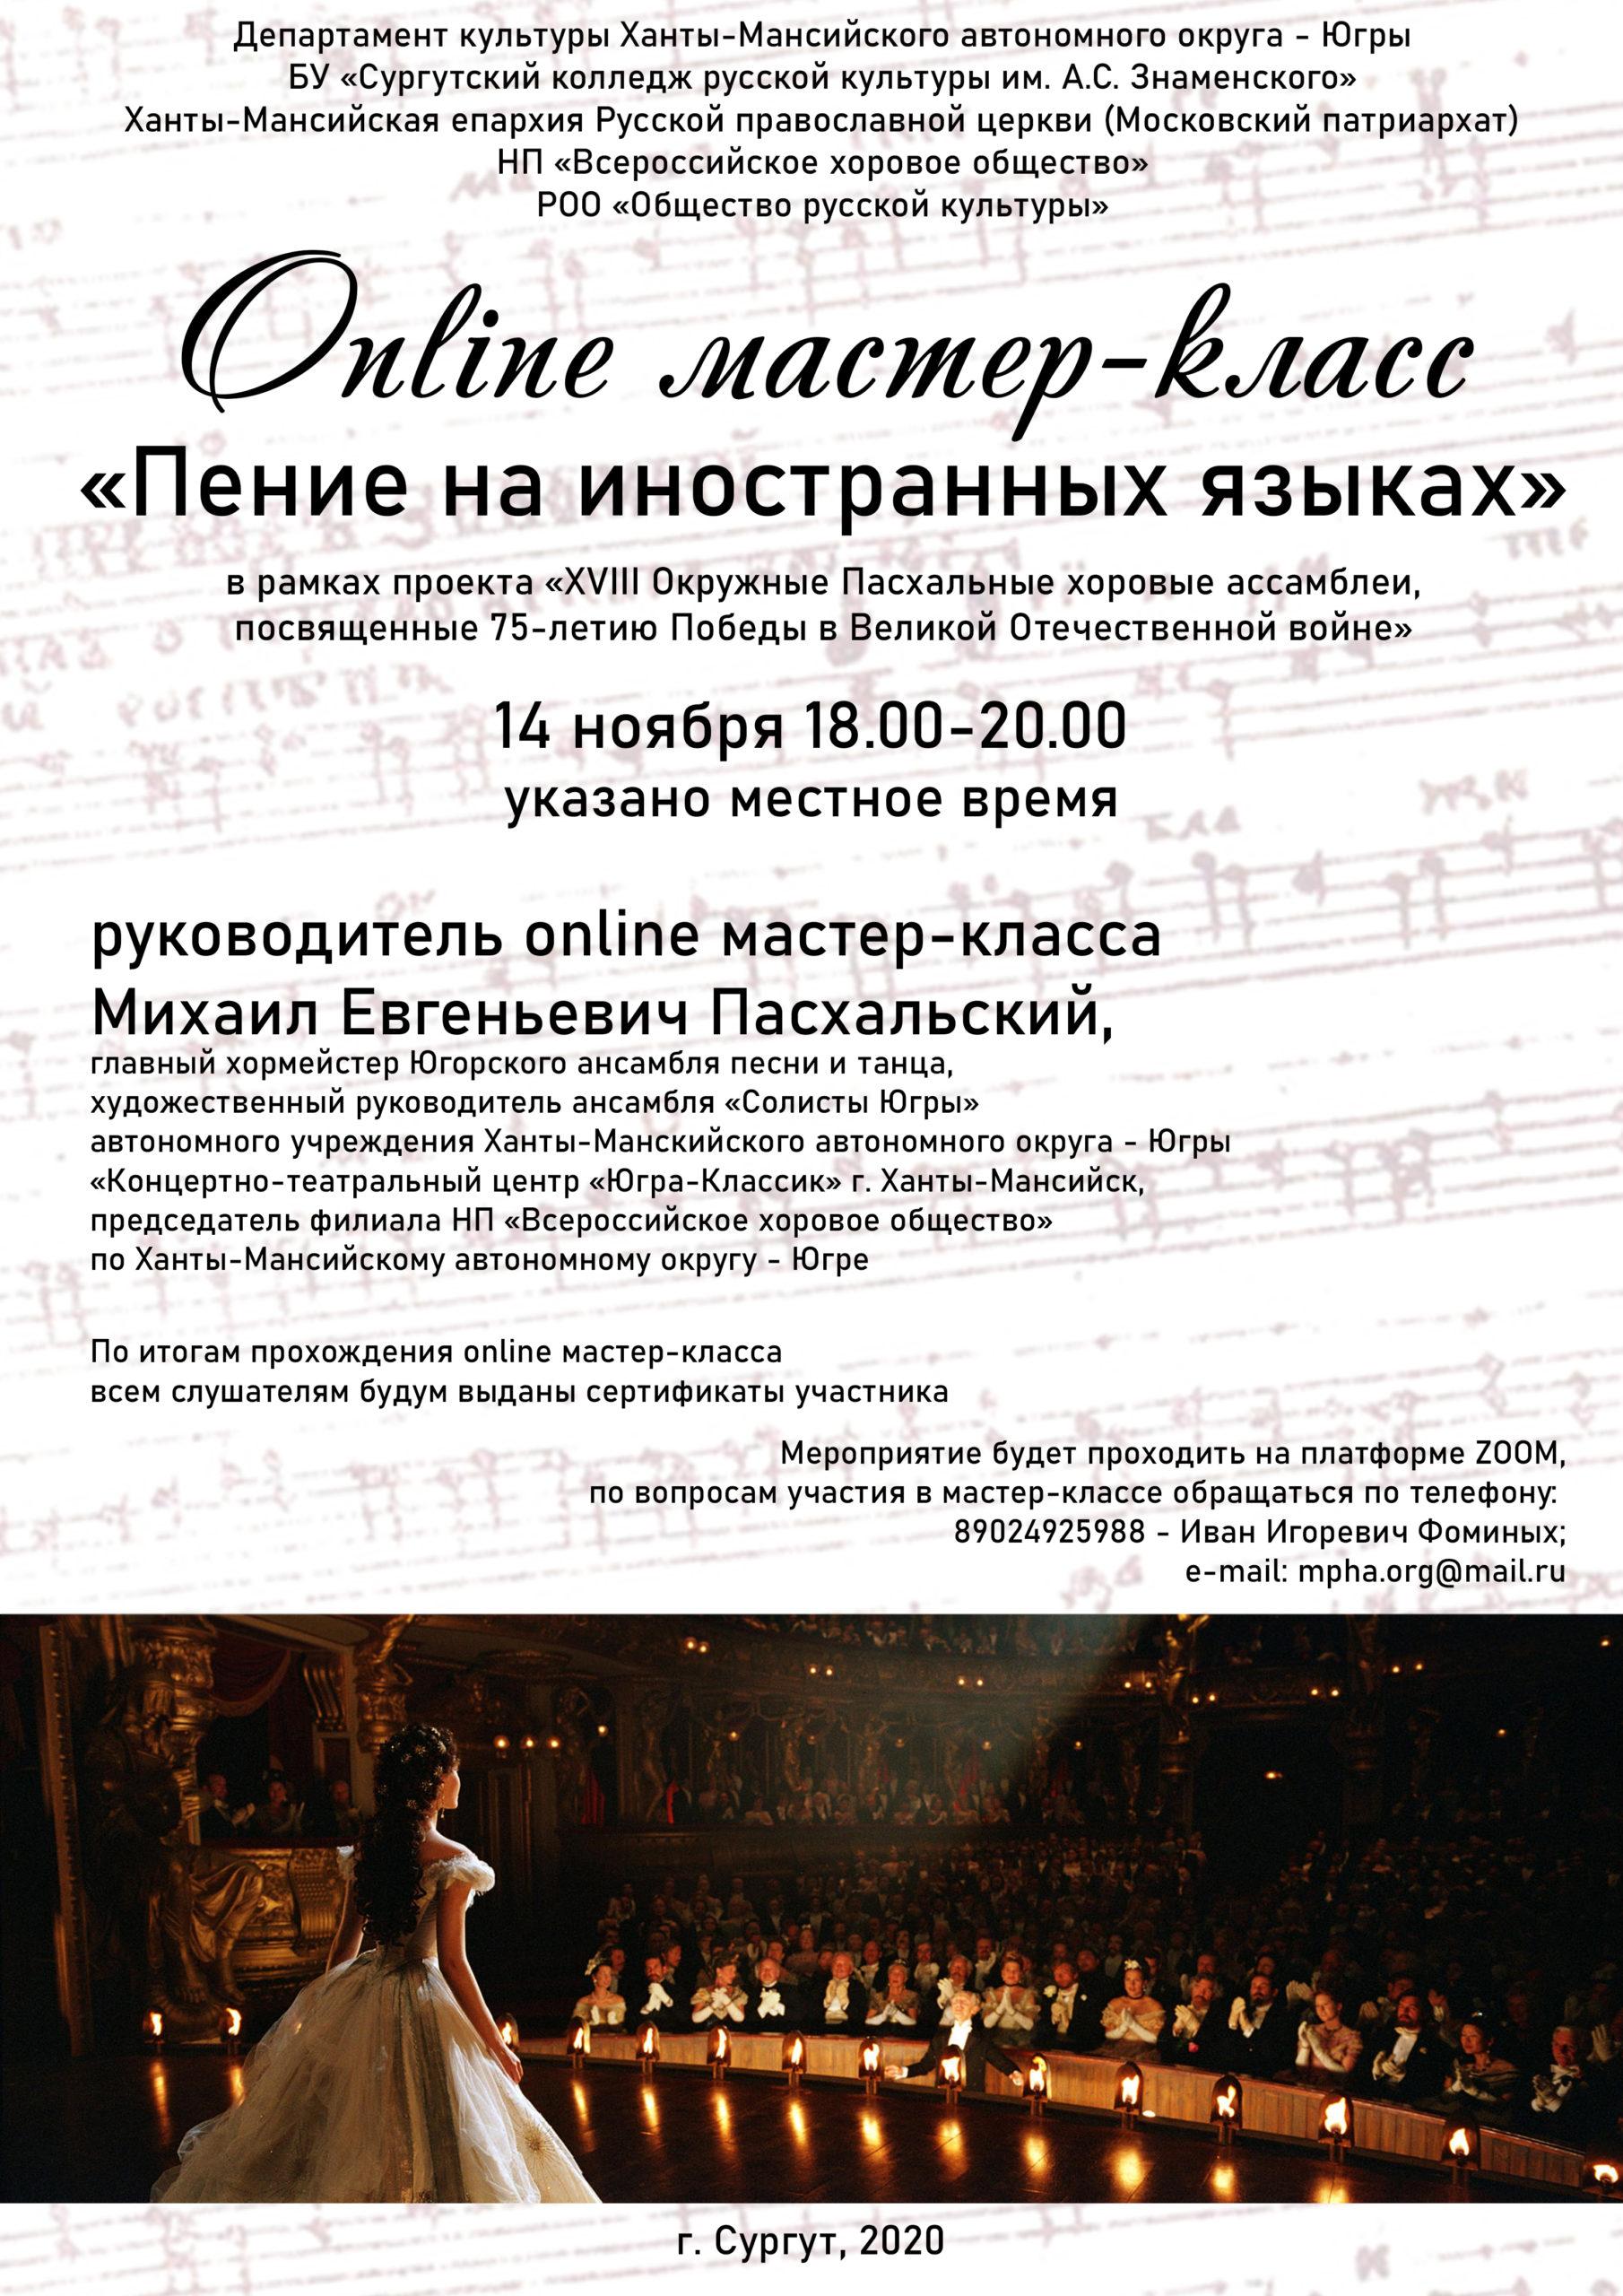 Afisha_m-klassa_Paskhalskiy